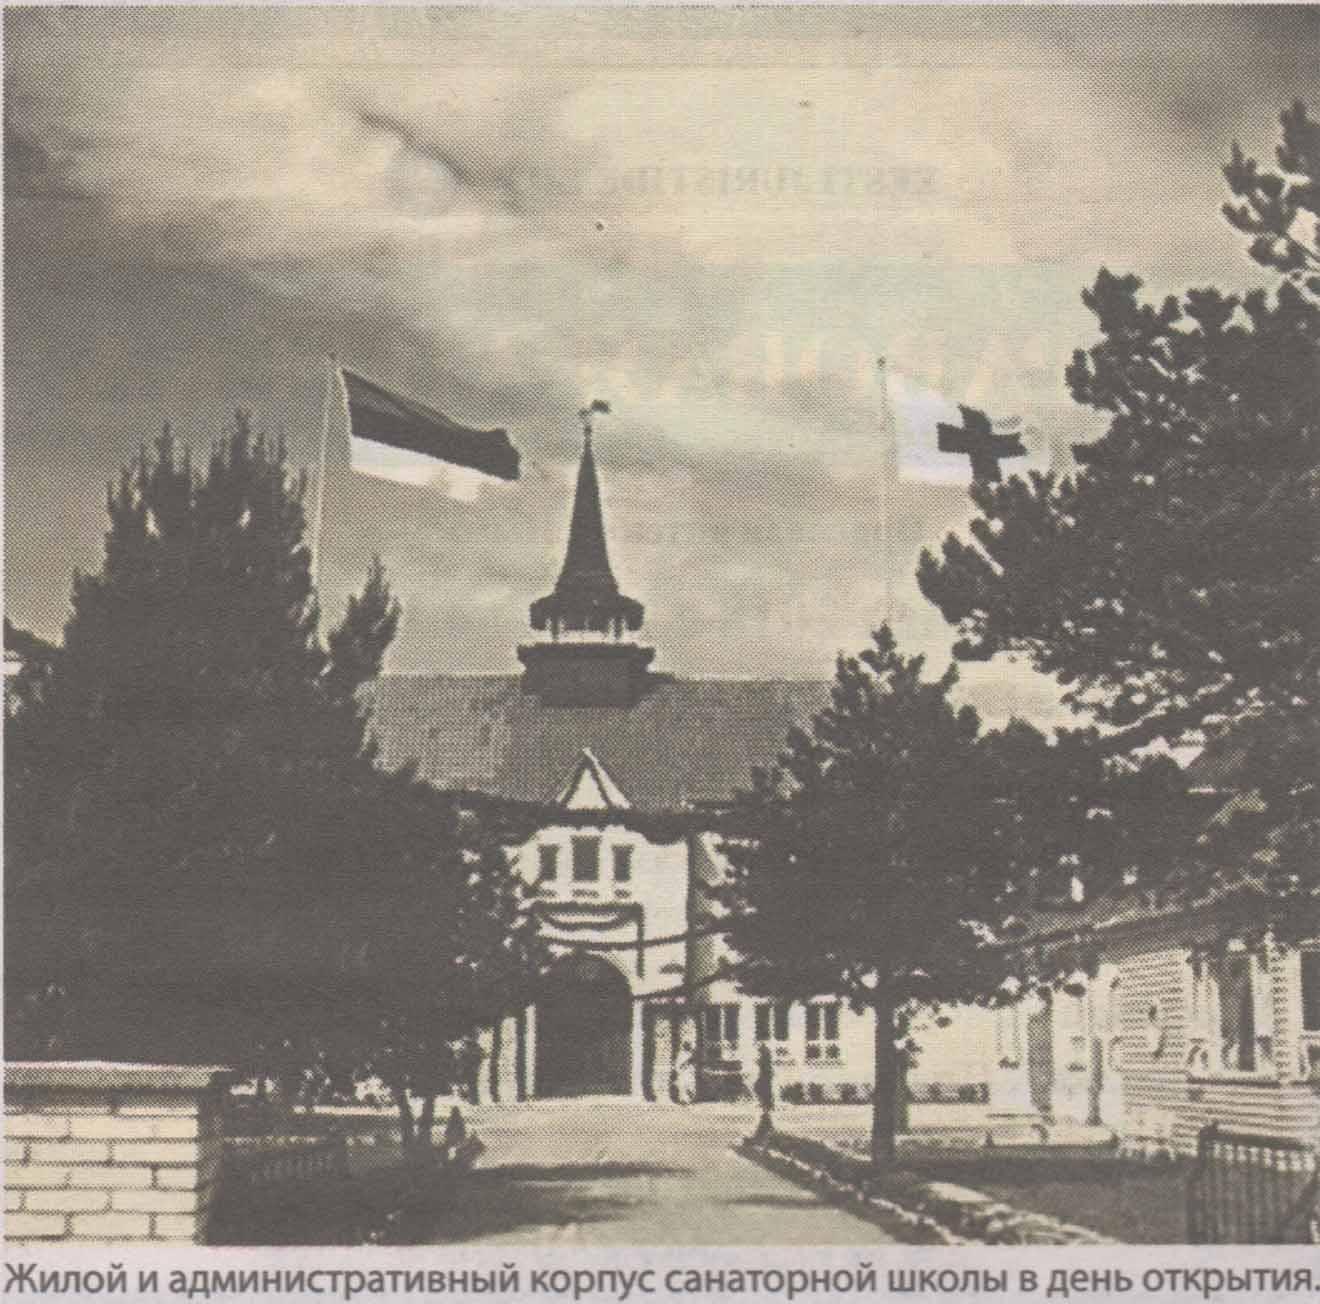 Жилой и административный корпус санаторной школы в день открытия.